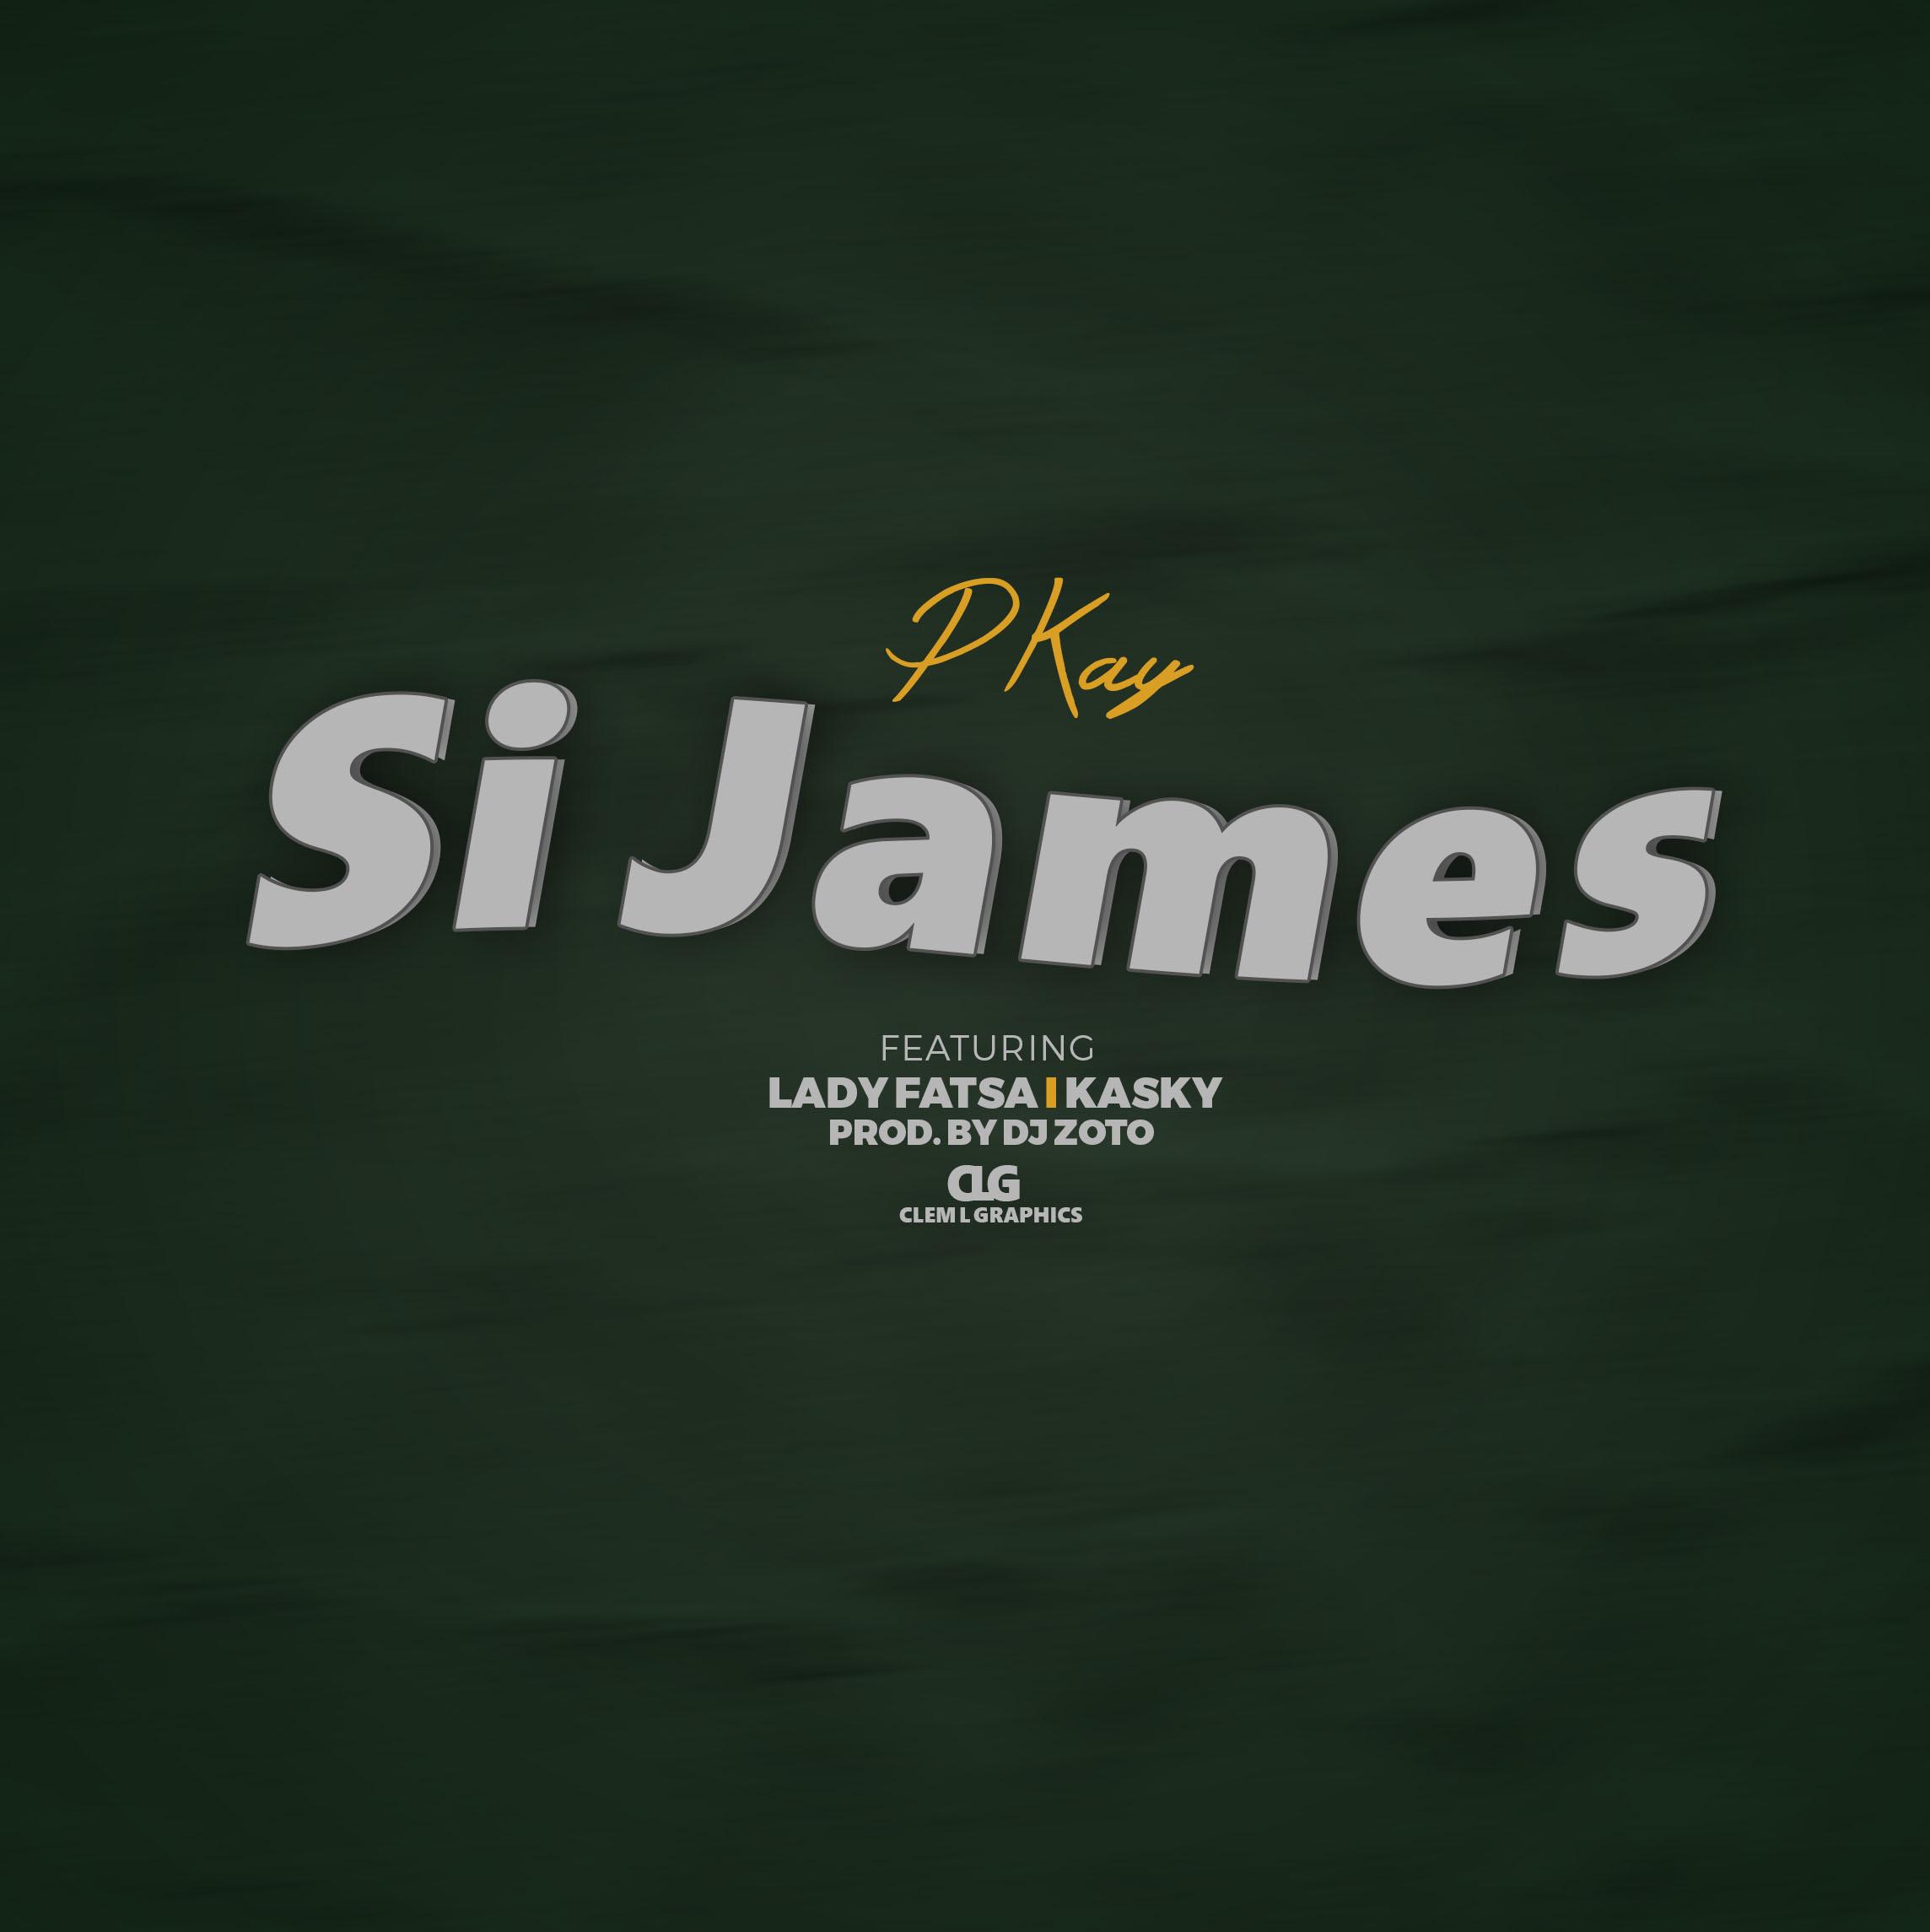 P Kay-Si James ft Lady Fatsa and Kasky-Prod by DJ Zoto